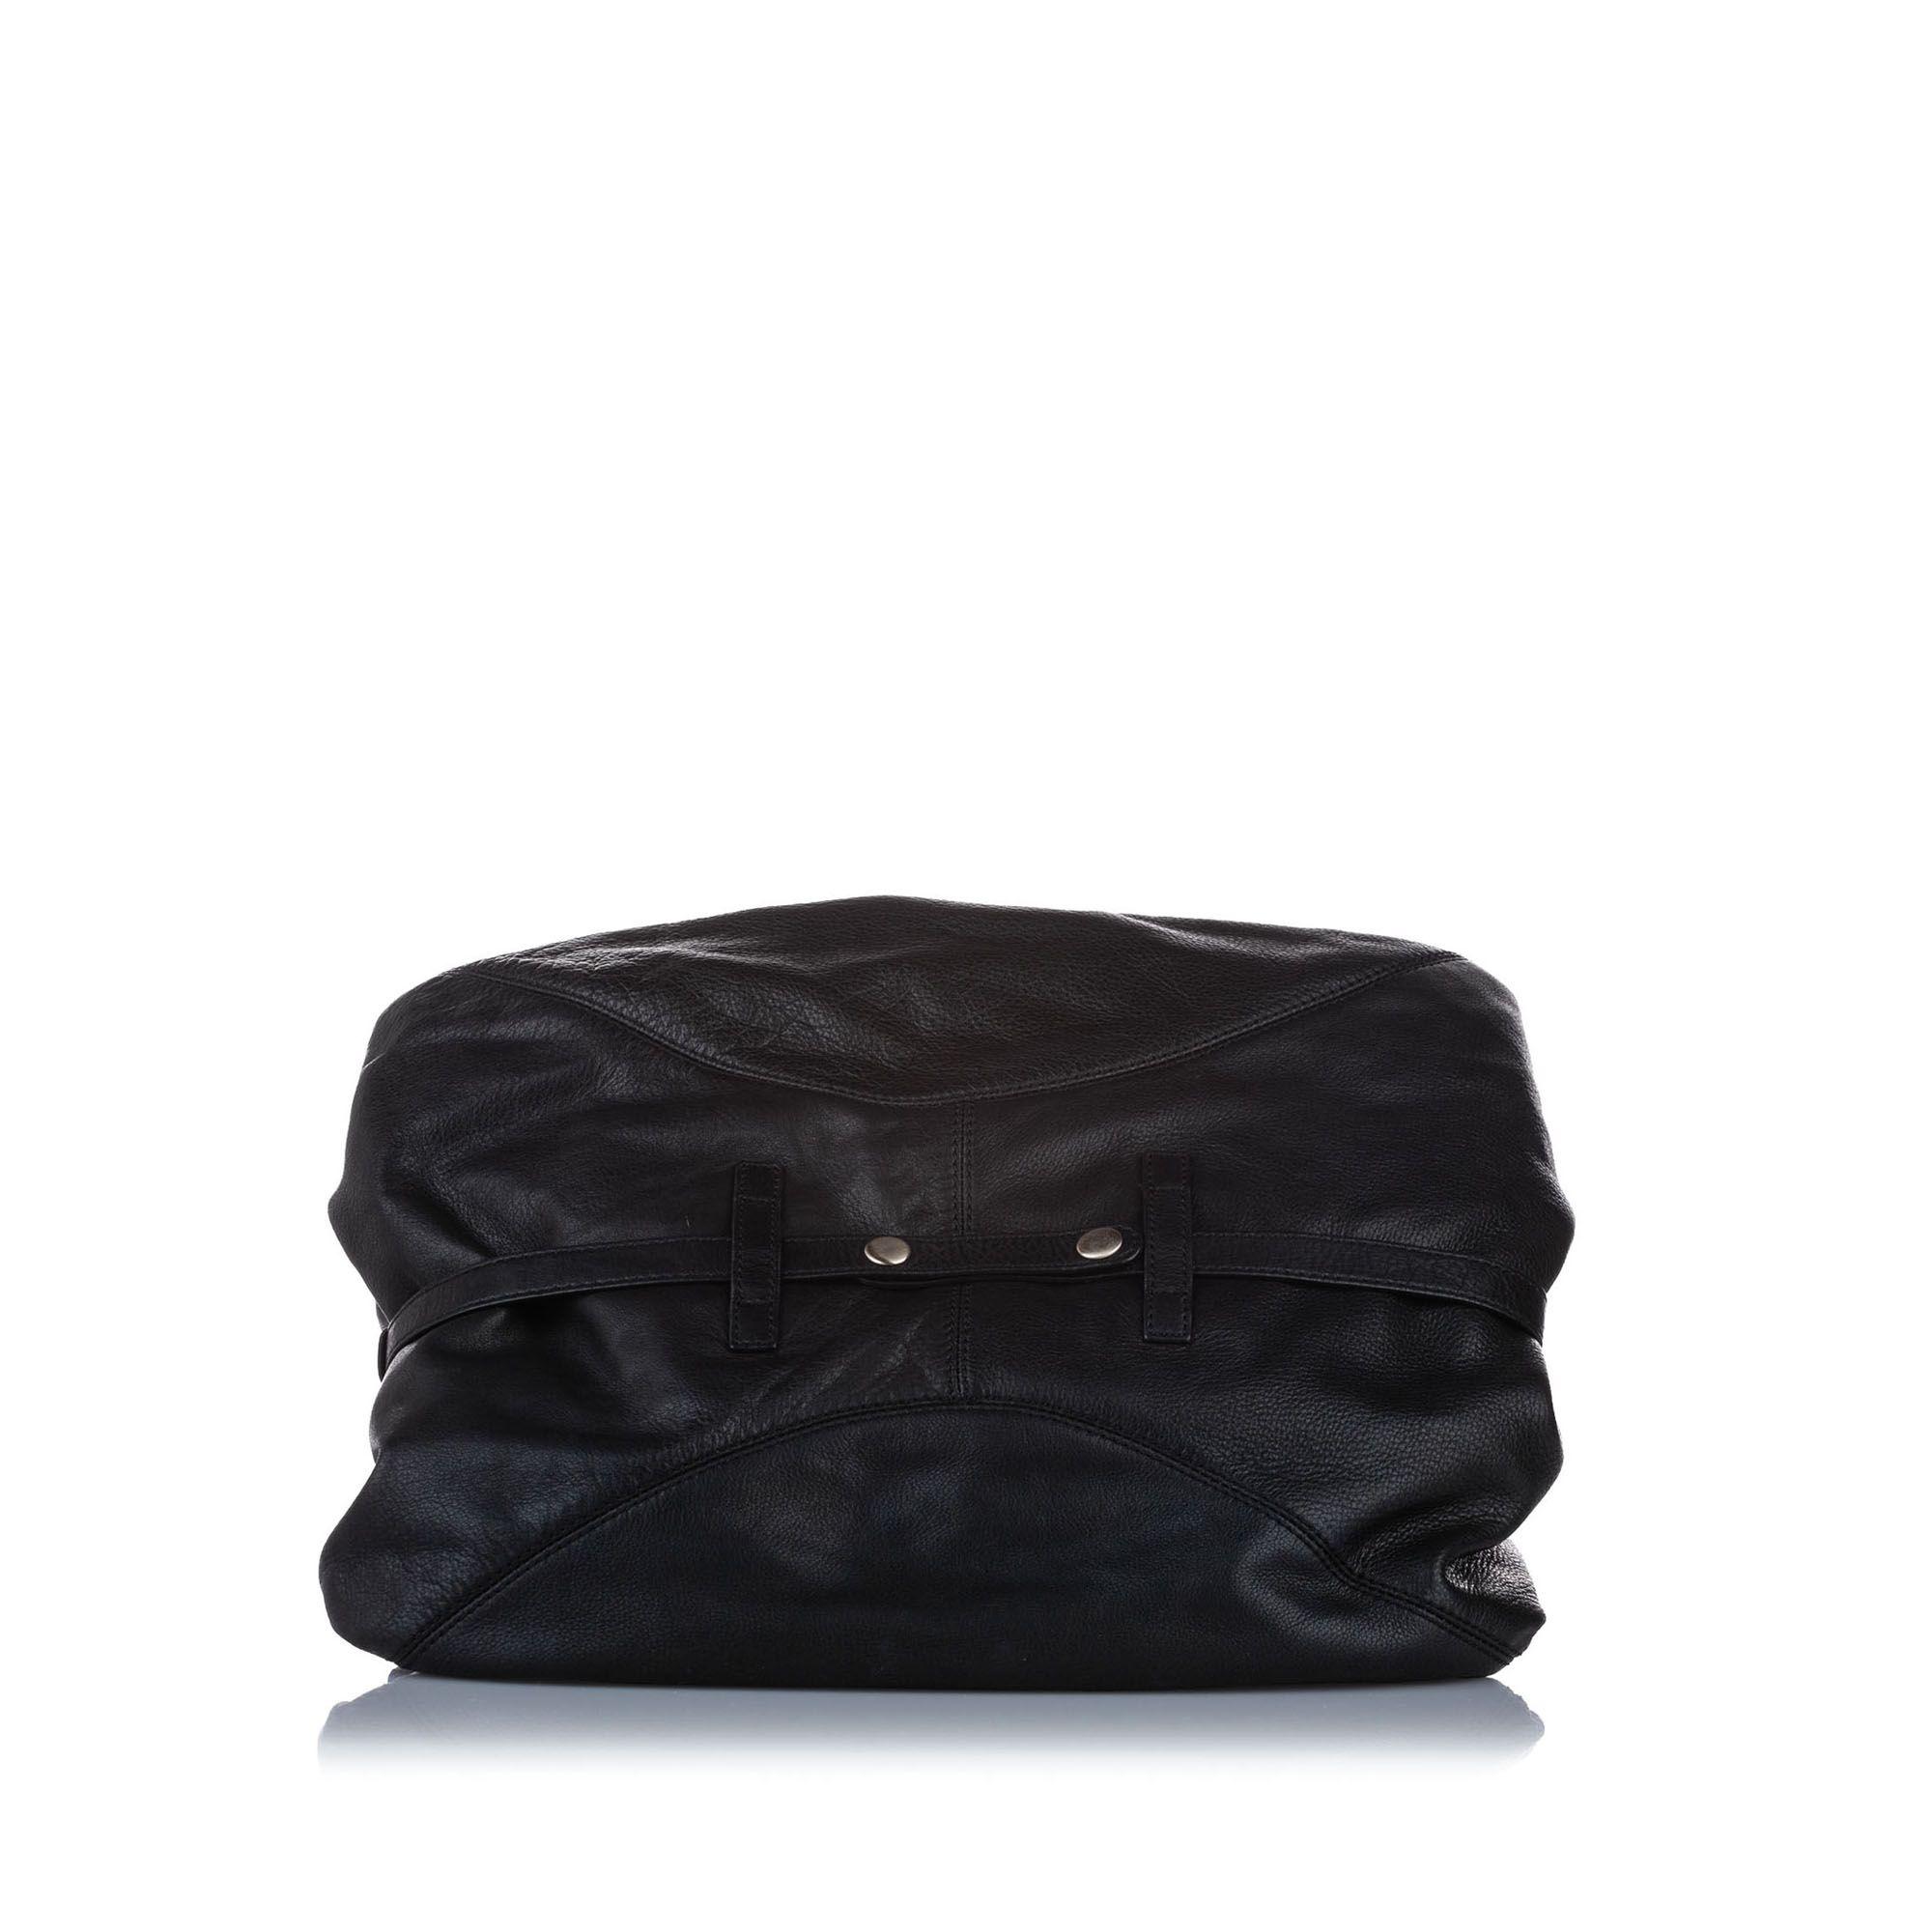 Vintage Givenchy Leather Handbag Black